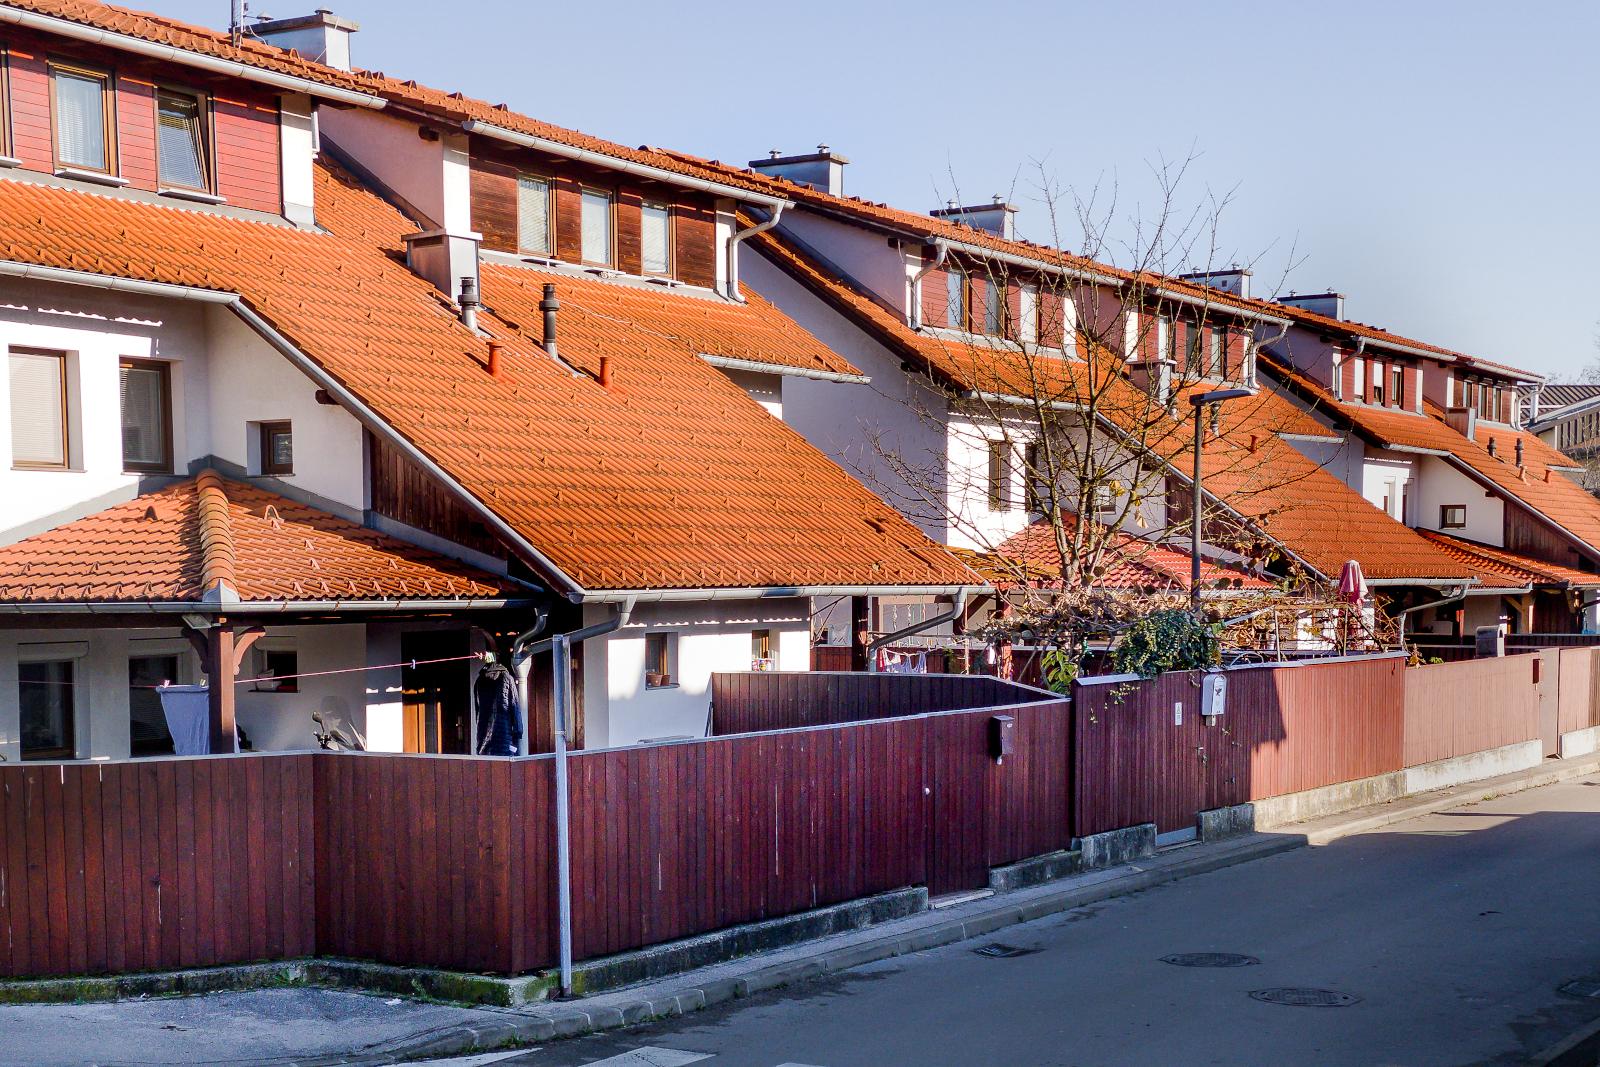 Tomačevo, novogradnja (1996 - 2003), število stanovanj: 112